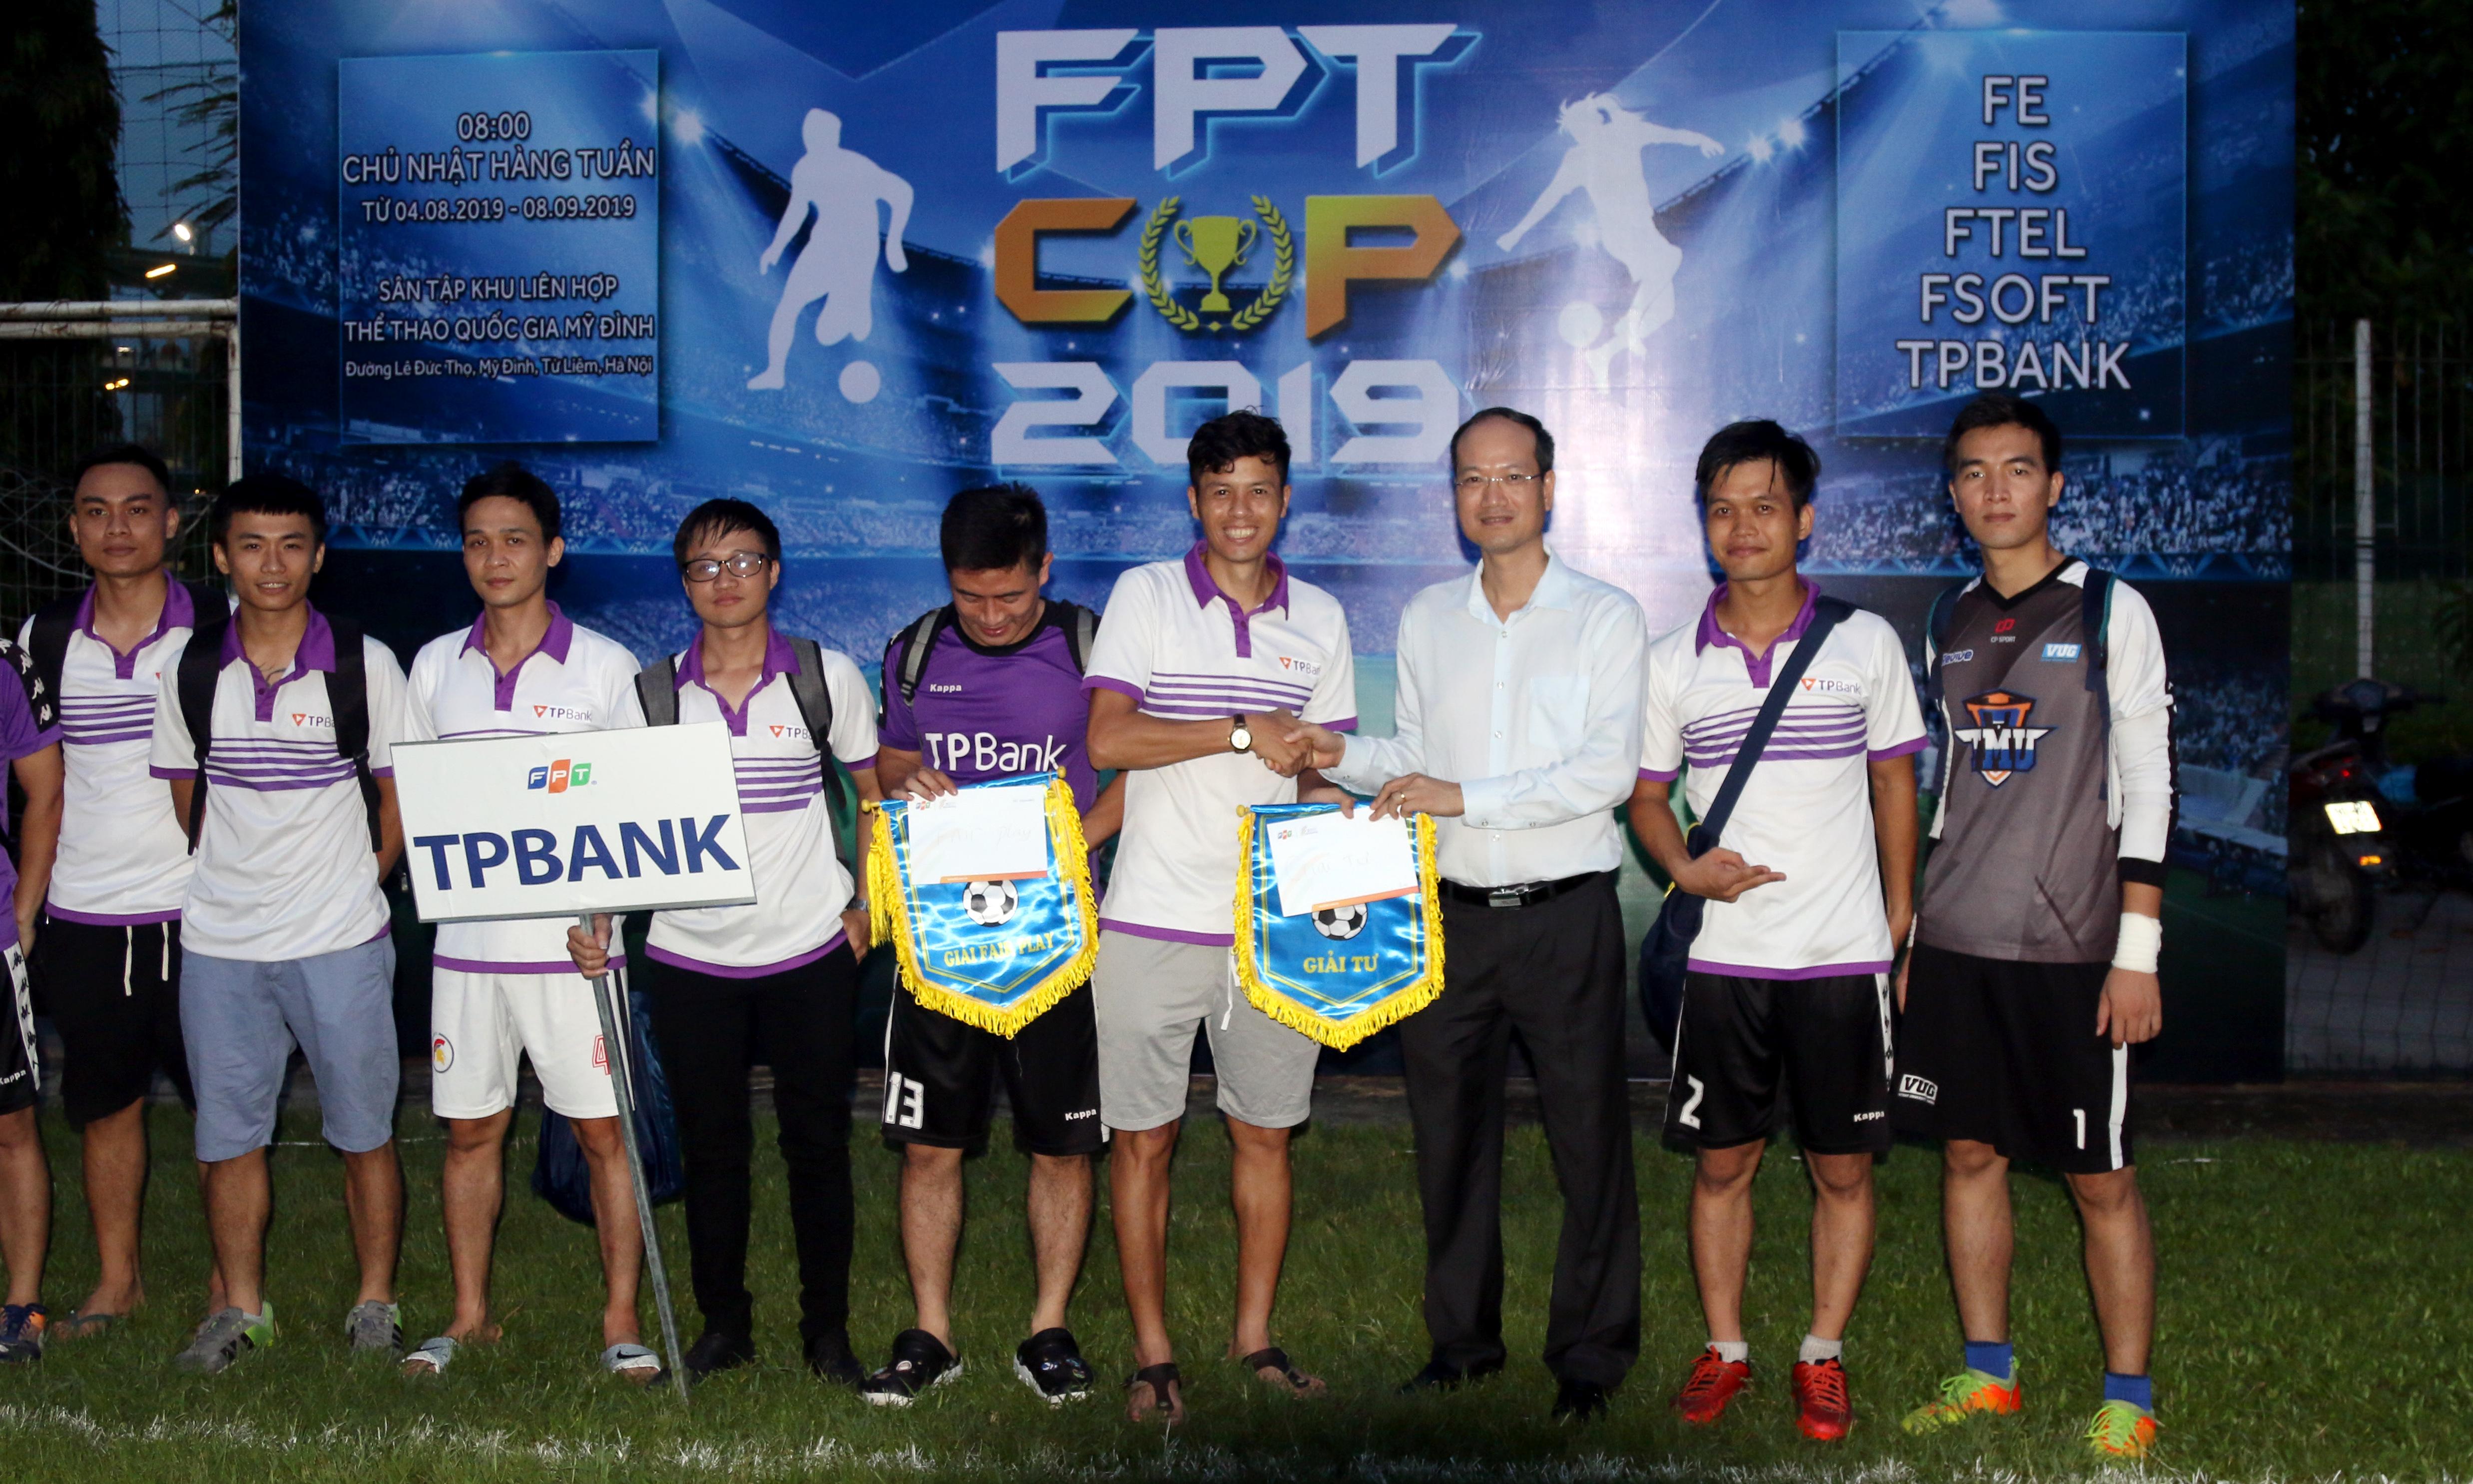 Đội TP Bank giành cú đúp giải thưởng, gồm: giải Tư (cờ lưu niệm và 2 triệu đồng tiền thưởng) và giải Fair-play dành đội tổng số lỗi vi phạm ít nhất) (cờ lưu niệm và tiền thưởng trị giá 1 triệu đồng).